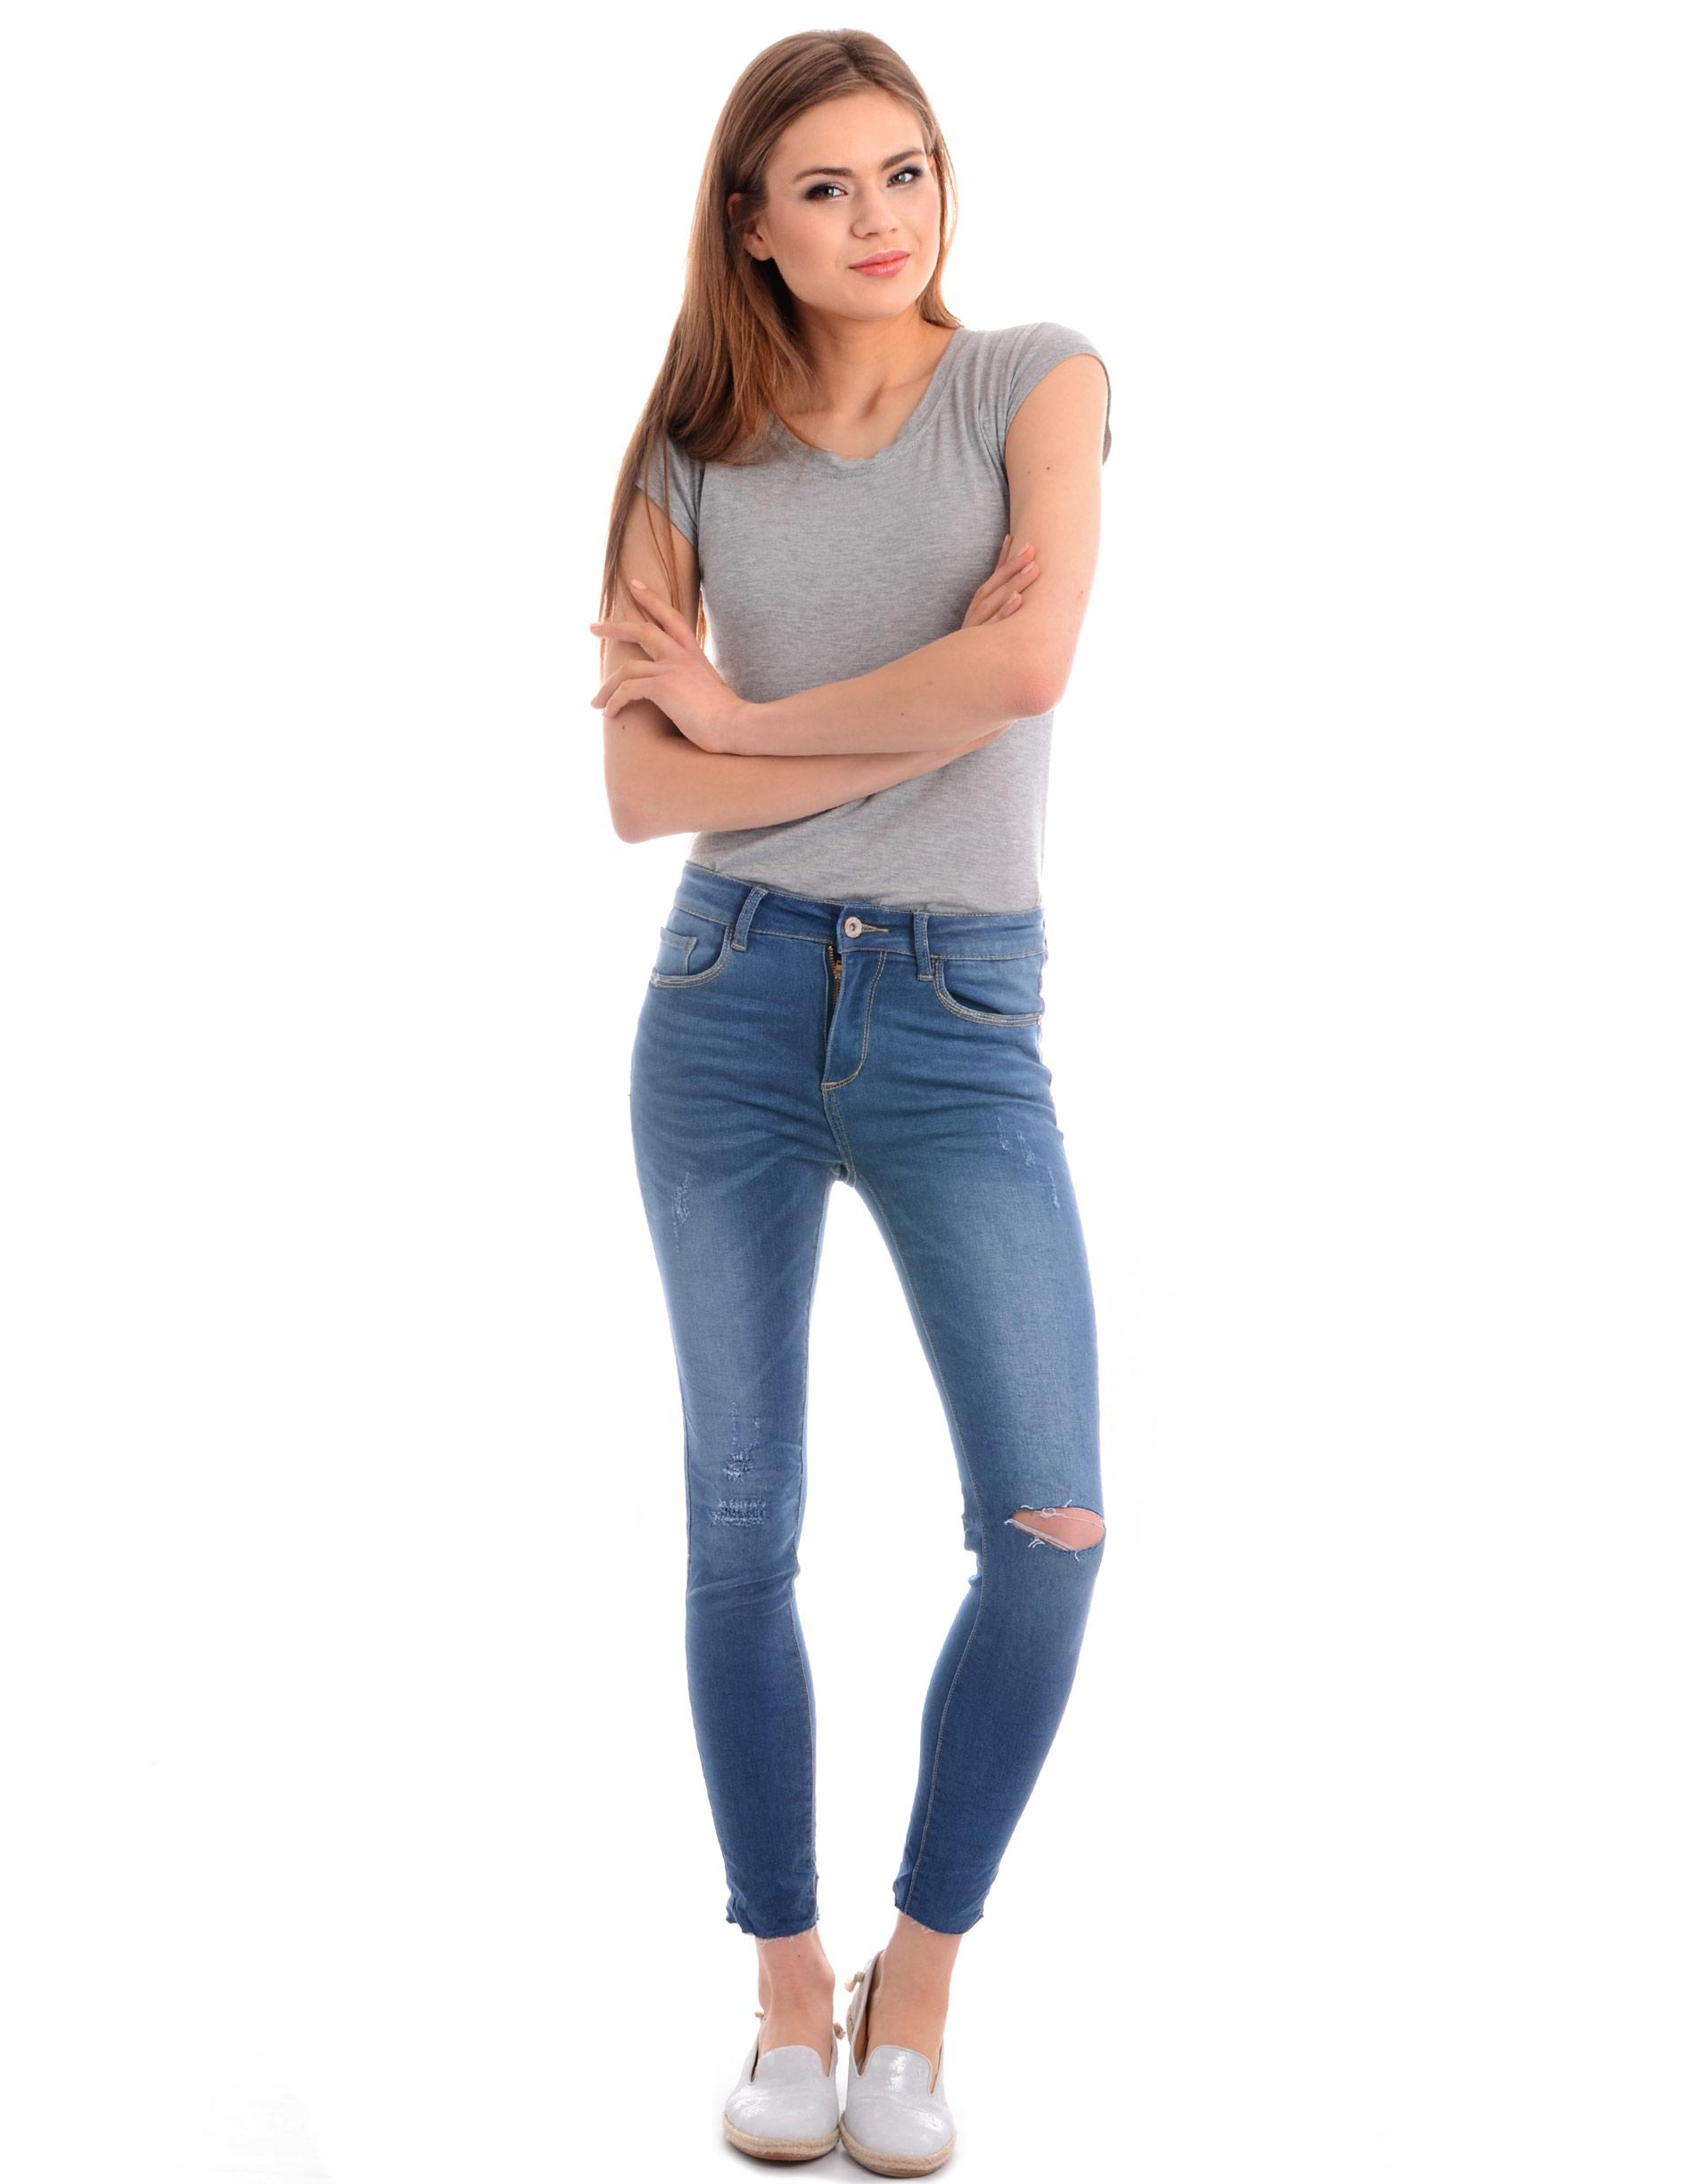 Spodnie - 105-S122 JEAN - Unisono